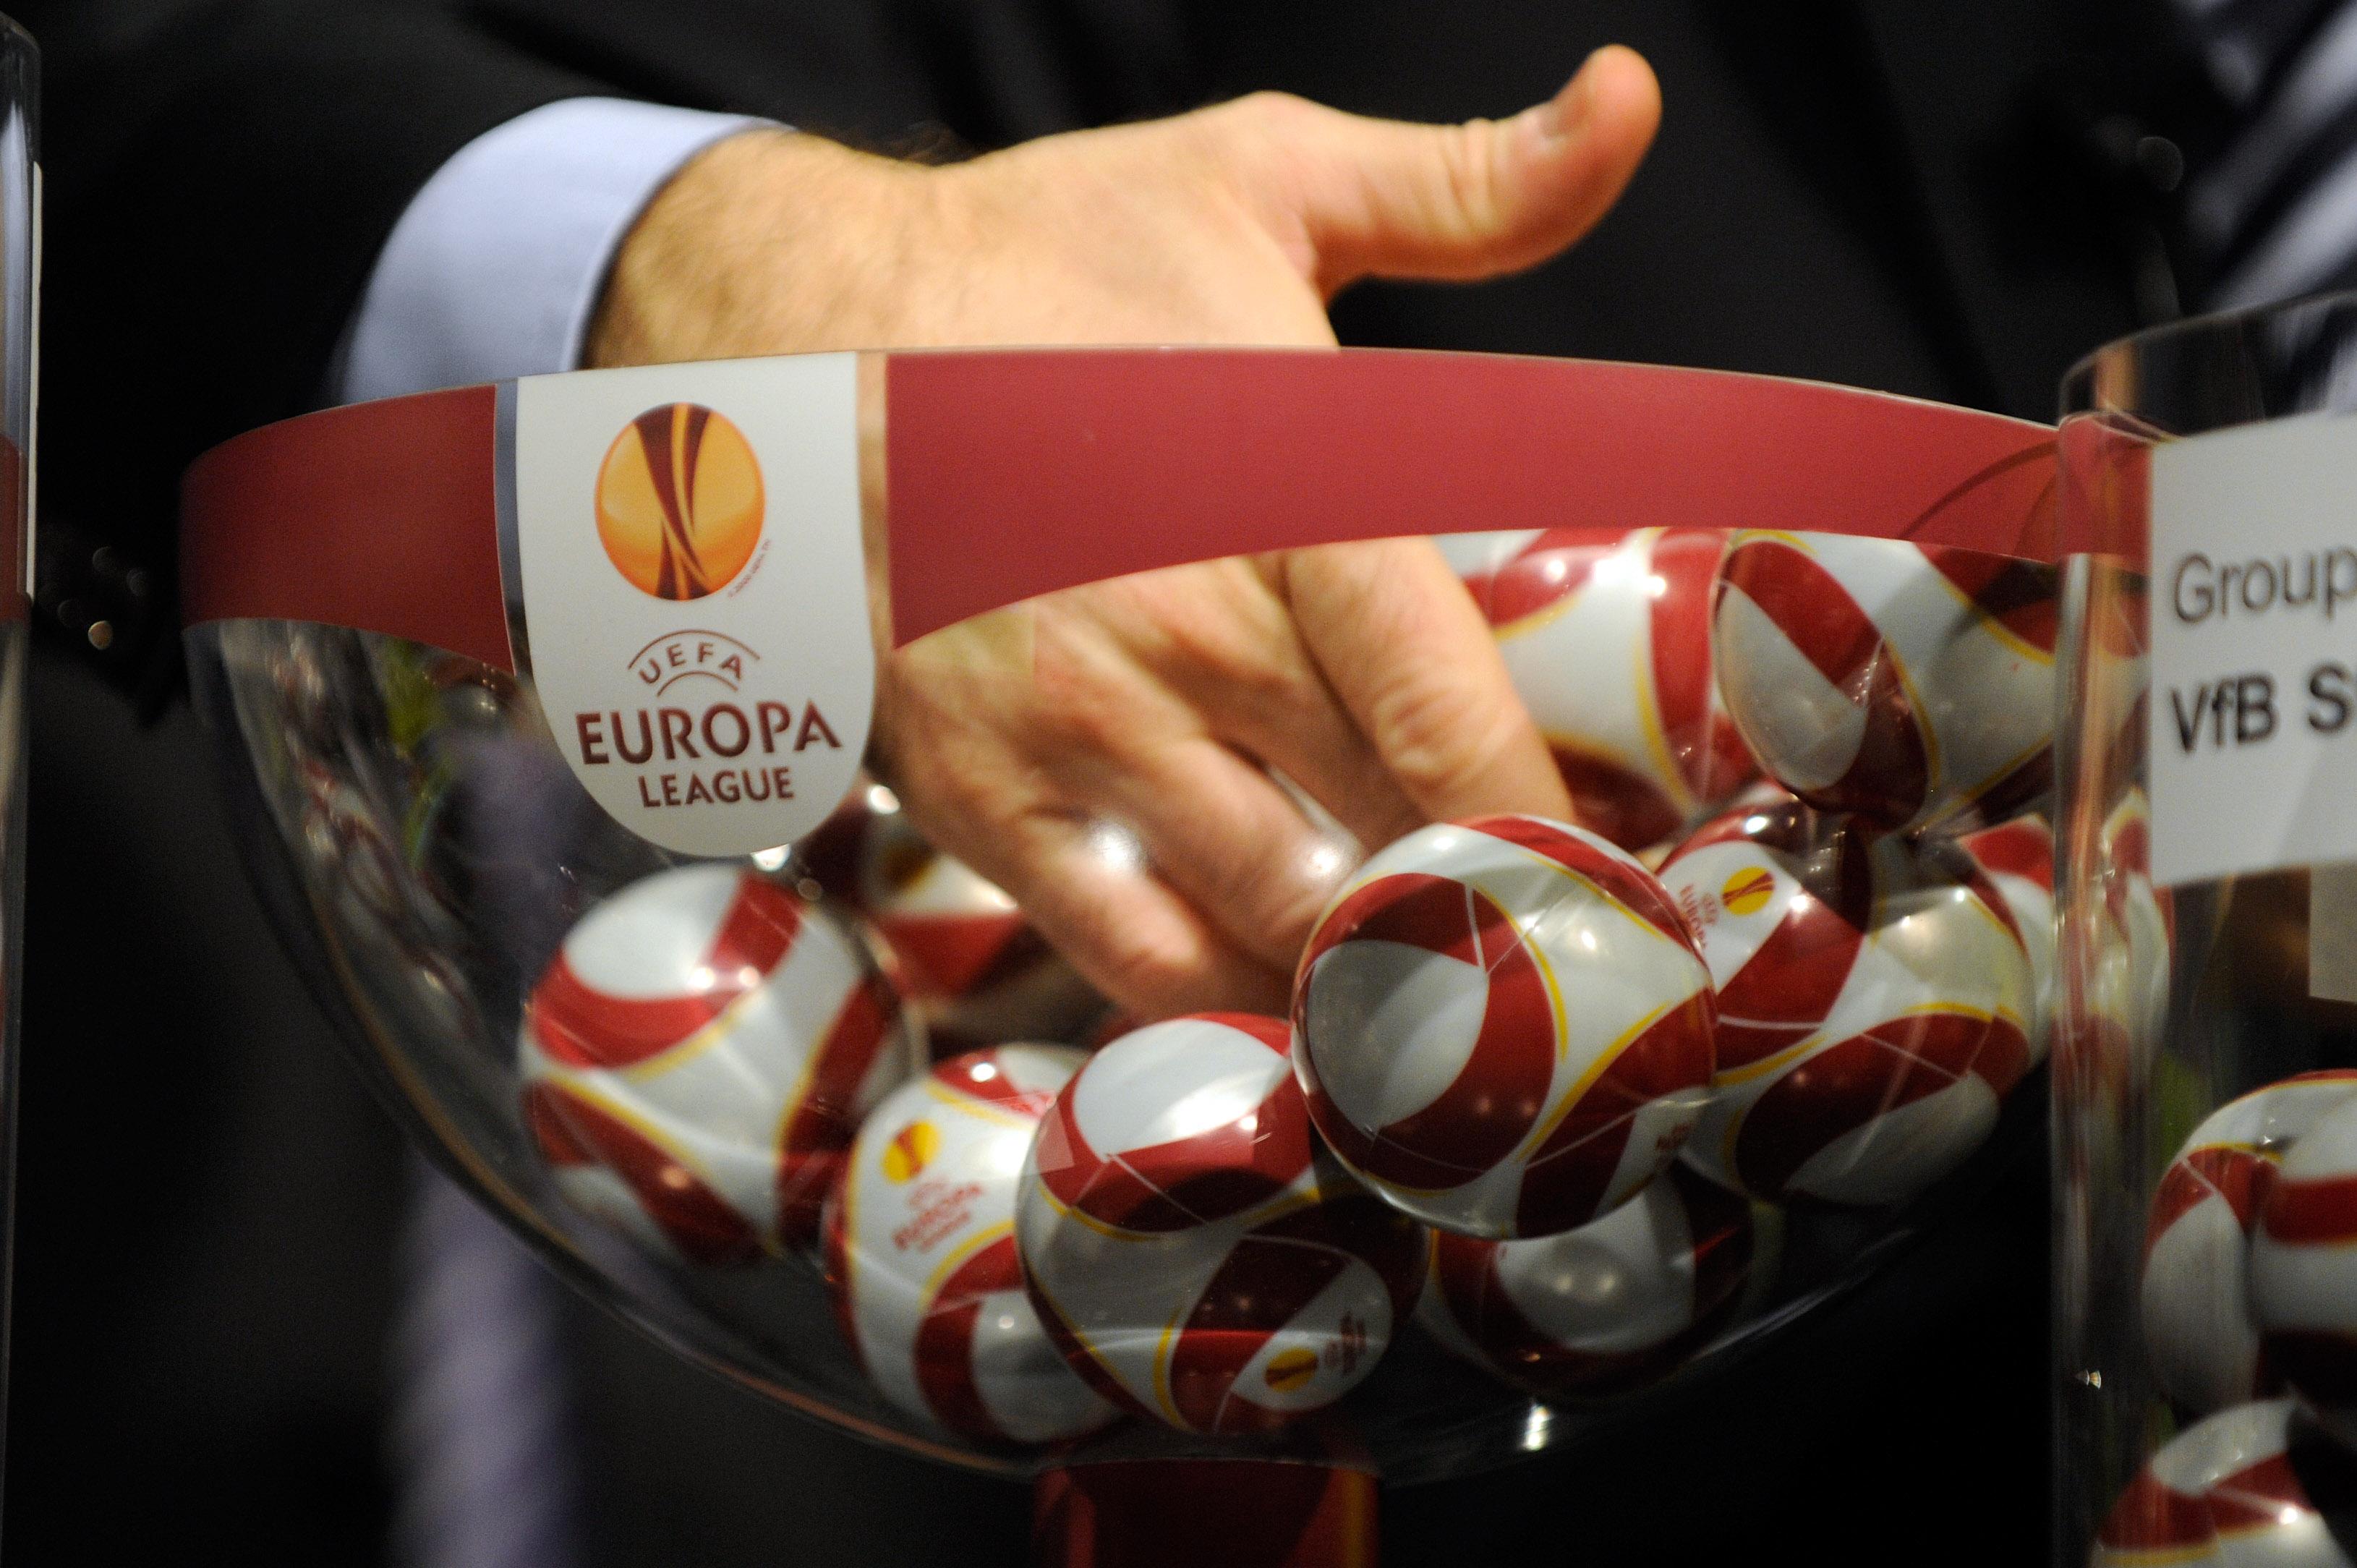 L'urna di Nyon di nuovo sulla strada delle italiane in Europa League